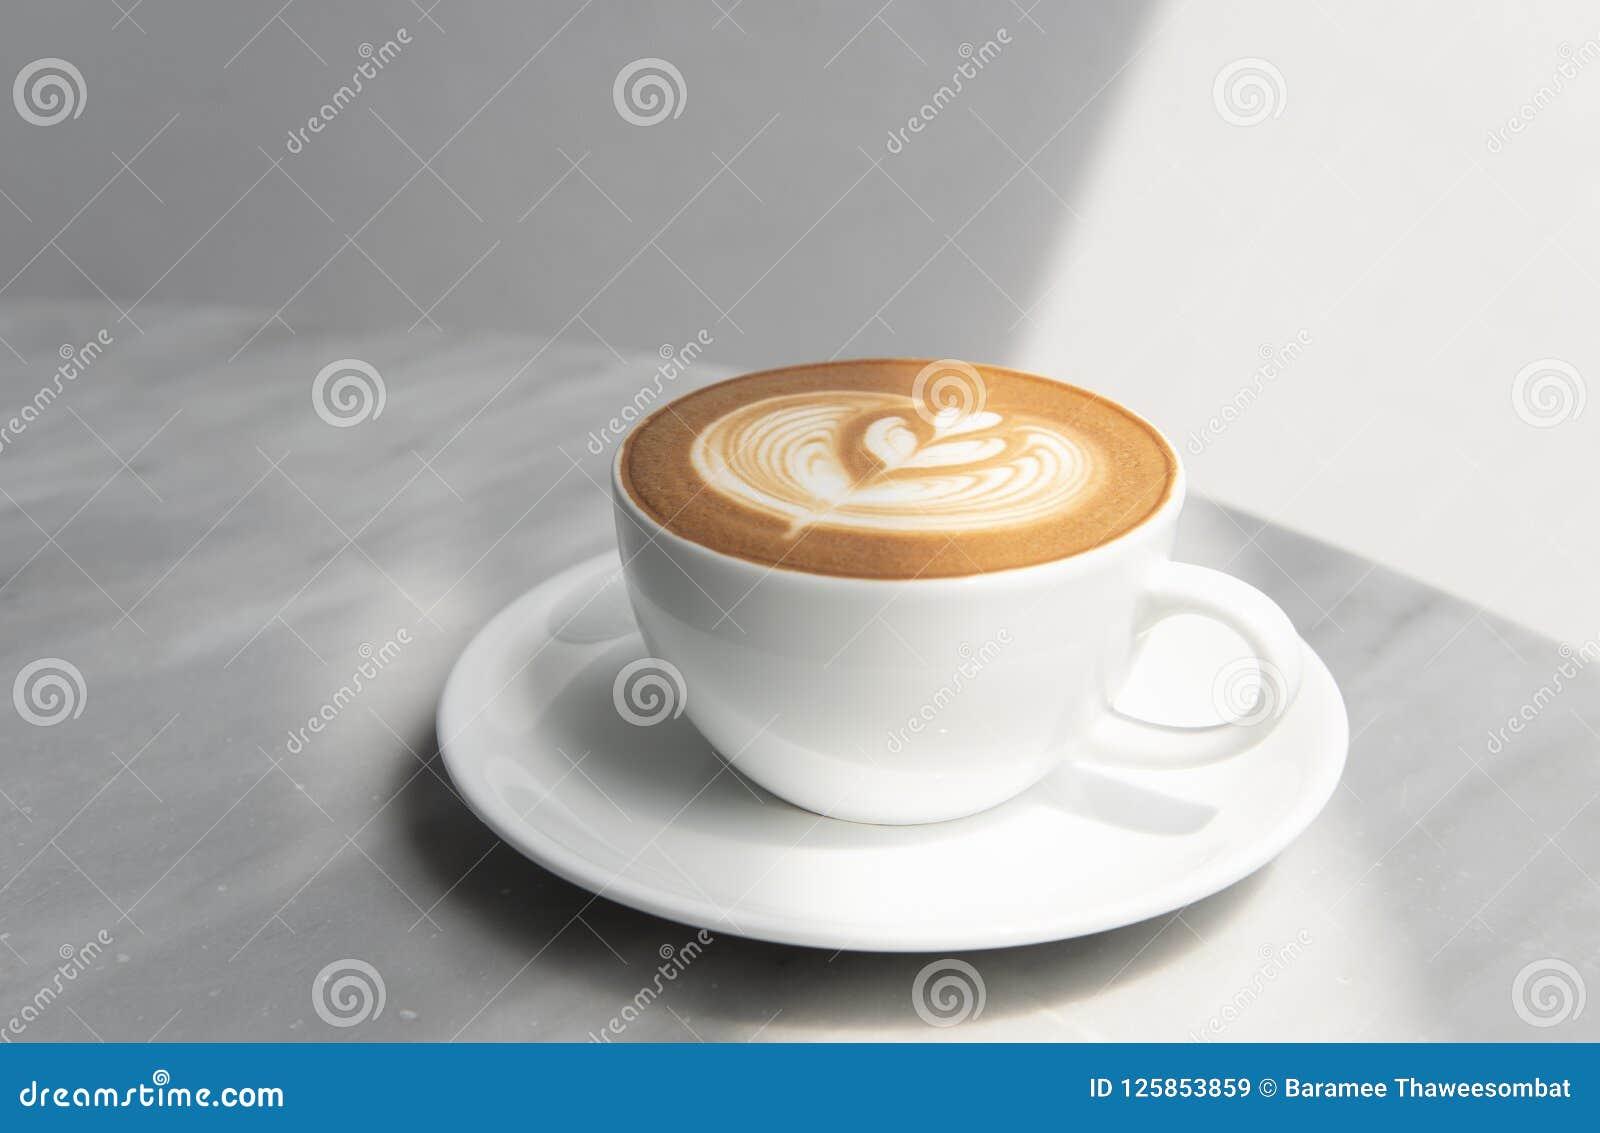 Latte o cappuccino con schiuma schiumosa, vista superiore della tazza di caffè